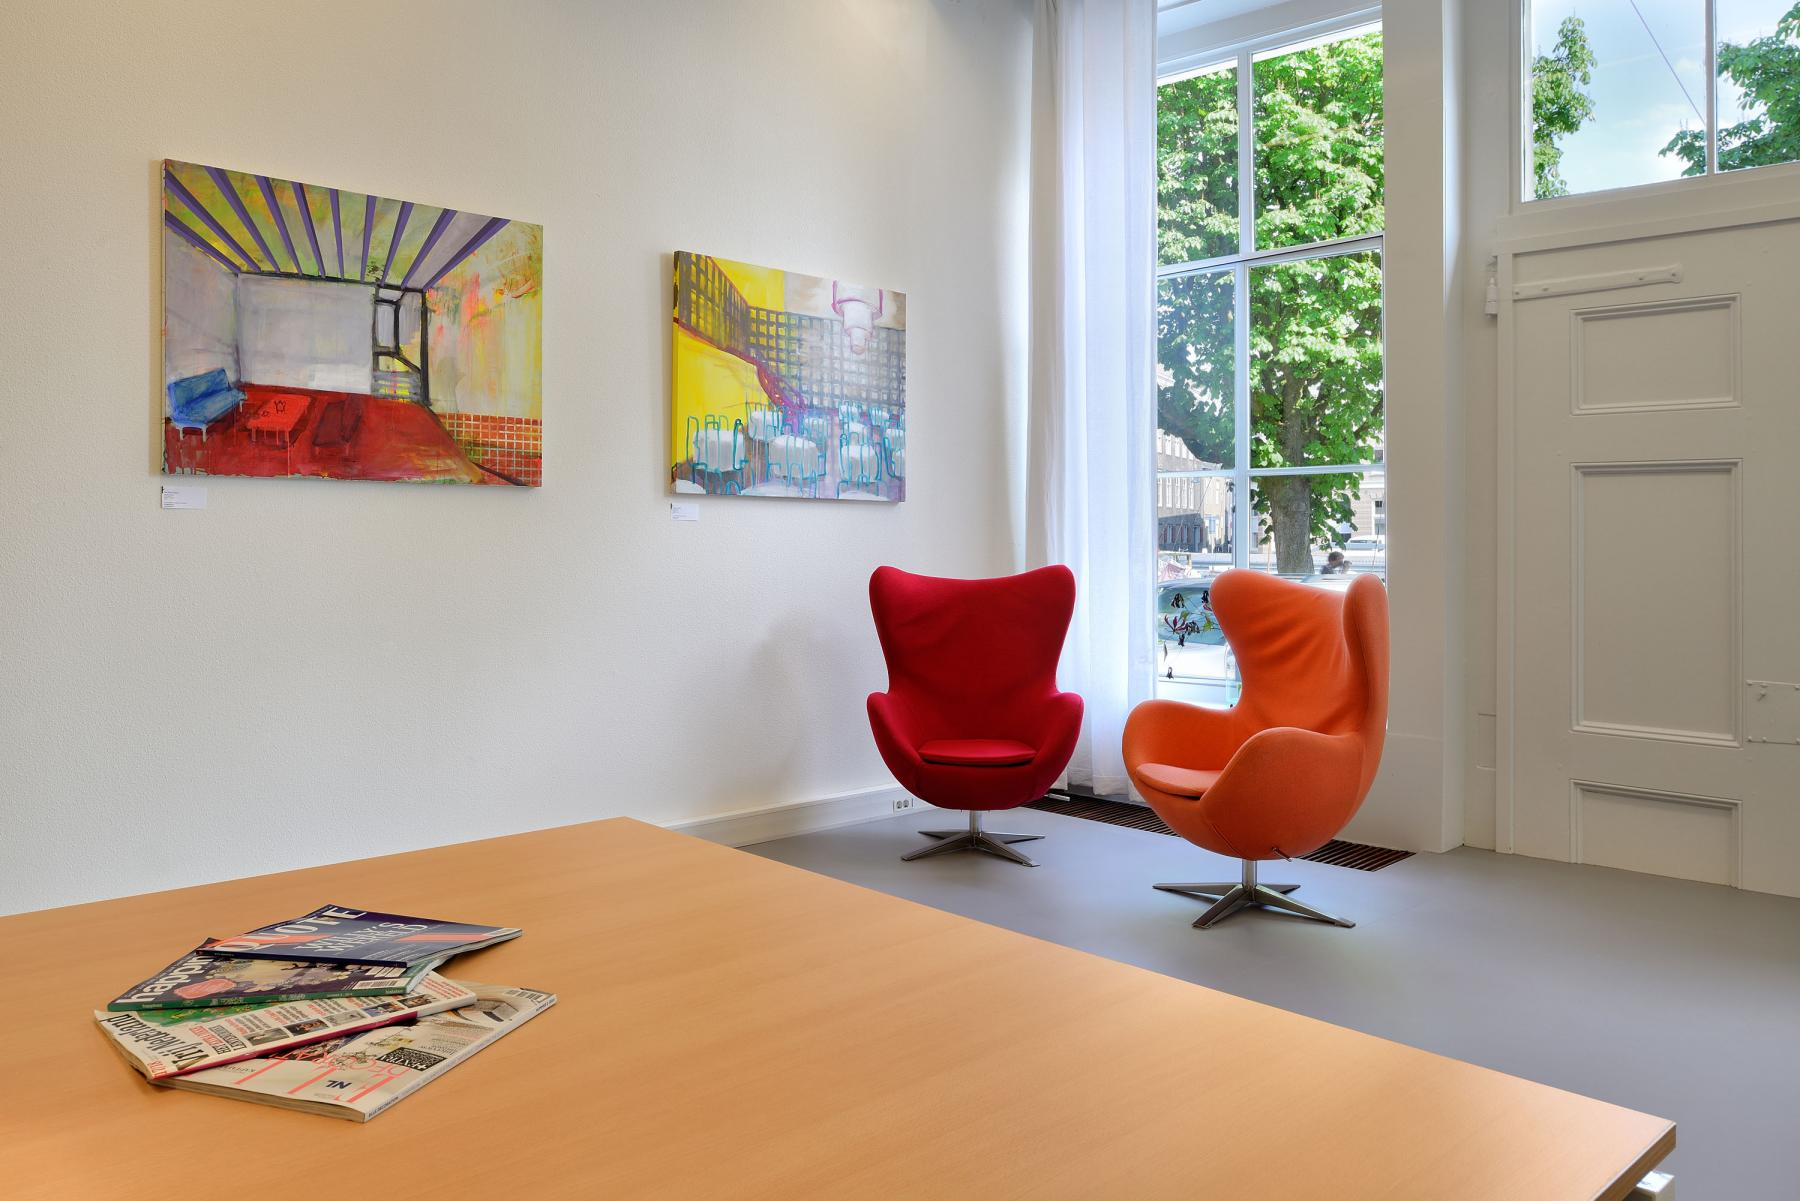 lounge kantoor dordrecht gemeenschappelijke ruimte wolwevershaven dordrecht